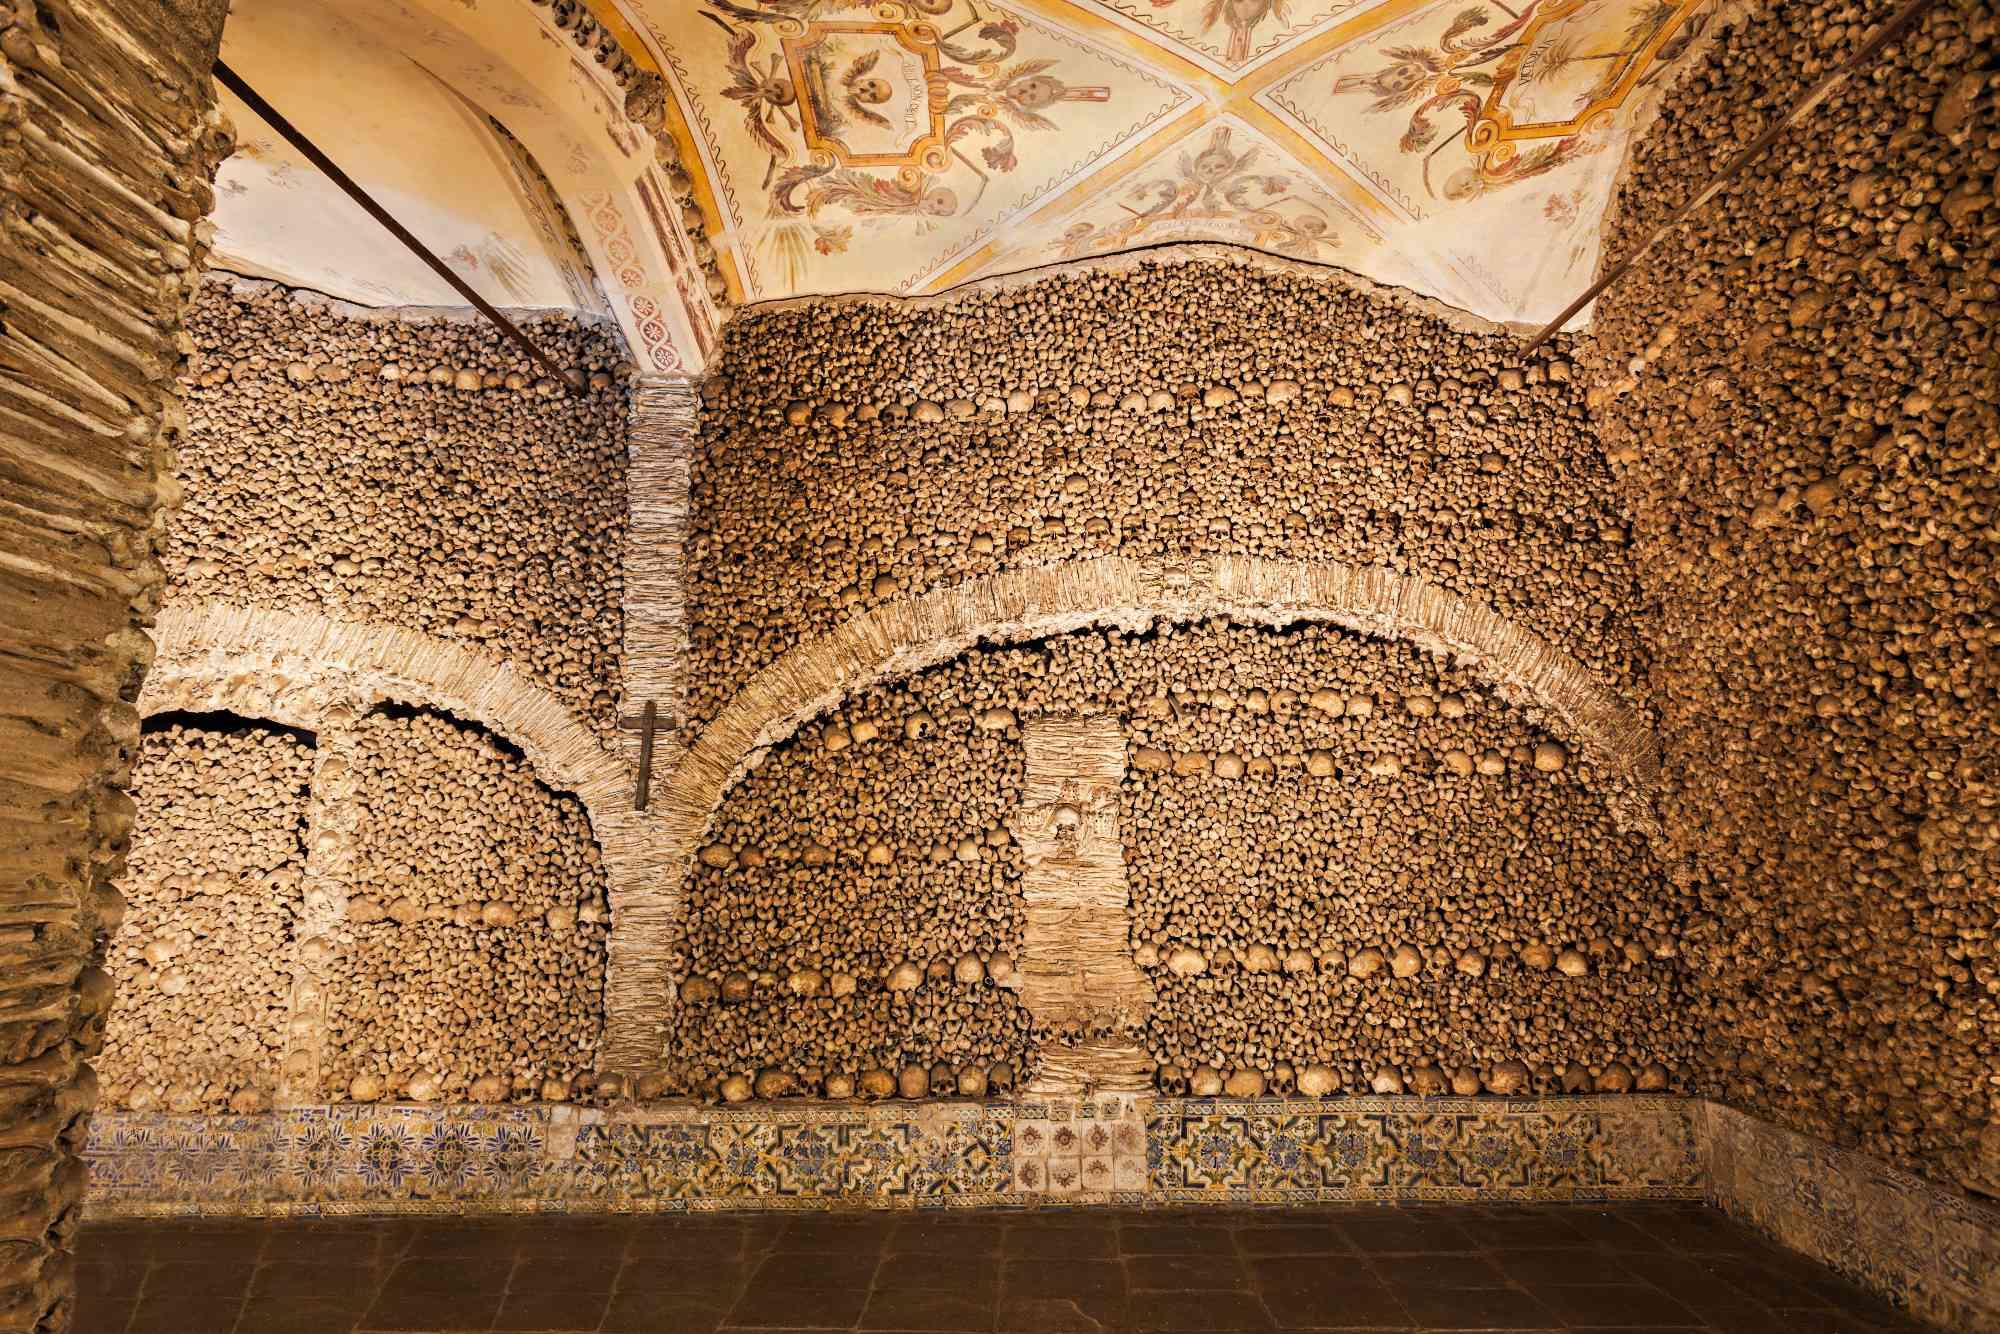 An elaborate display of bones and skulls form the walls of Capela dos Ossos in Peru